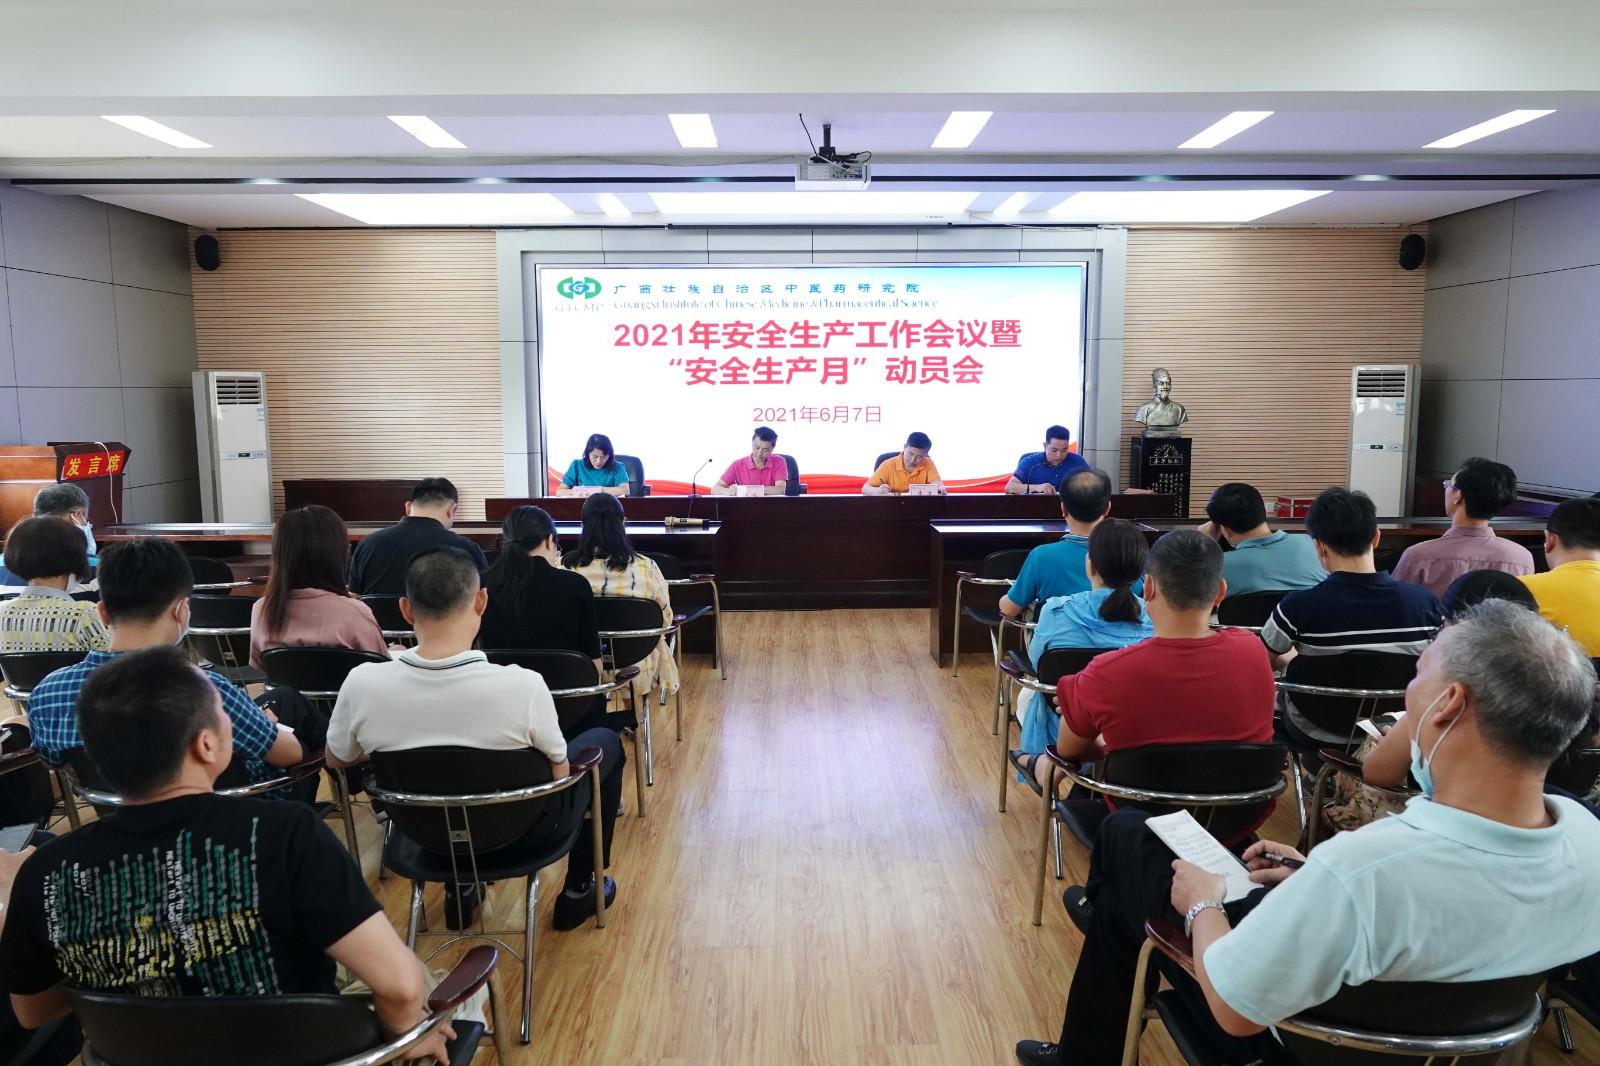 广西中医药研究院召开安全生产工作会议暨安全生产月动员会